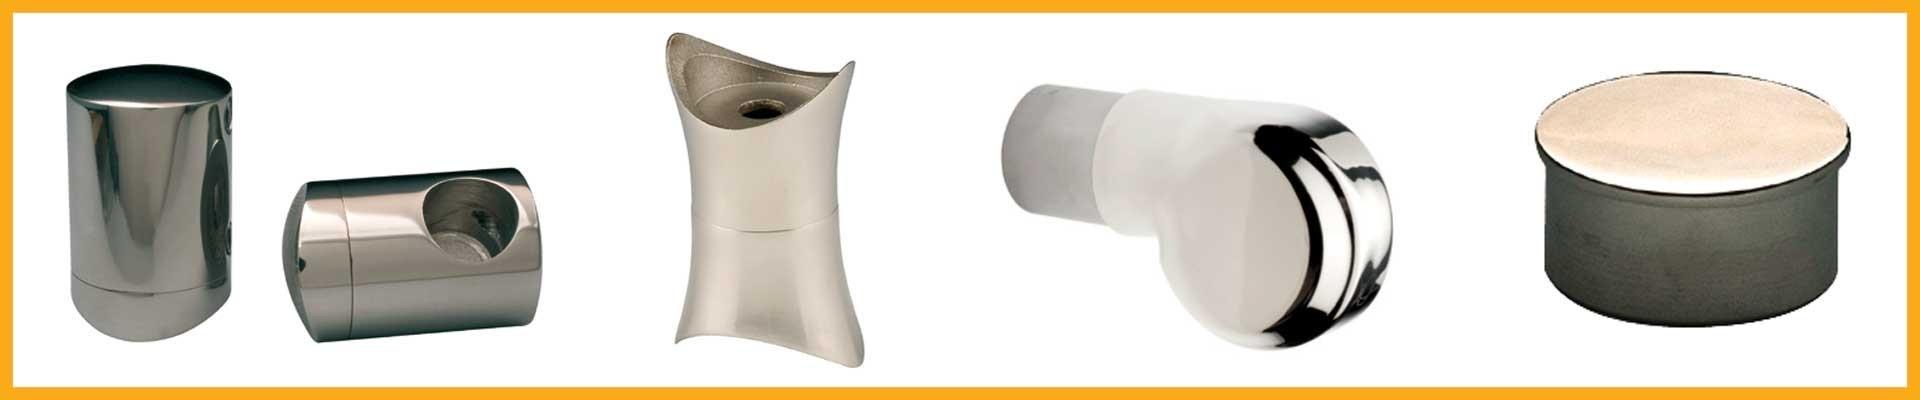 Accesorios - Inox 316 Brillo y Satinado